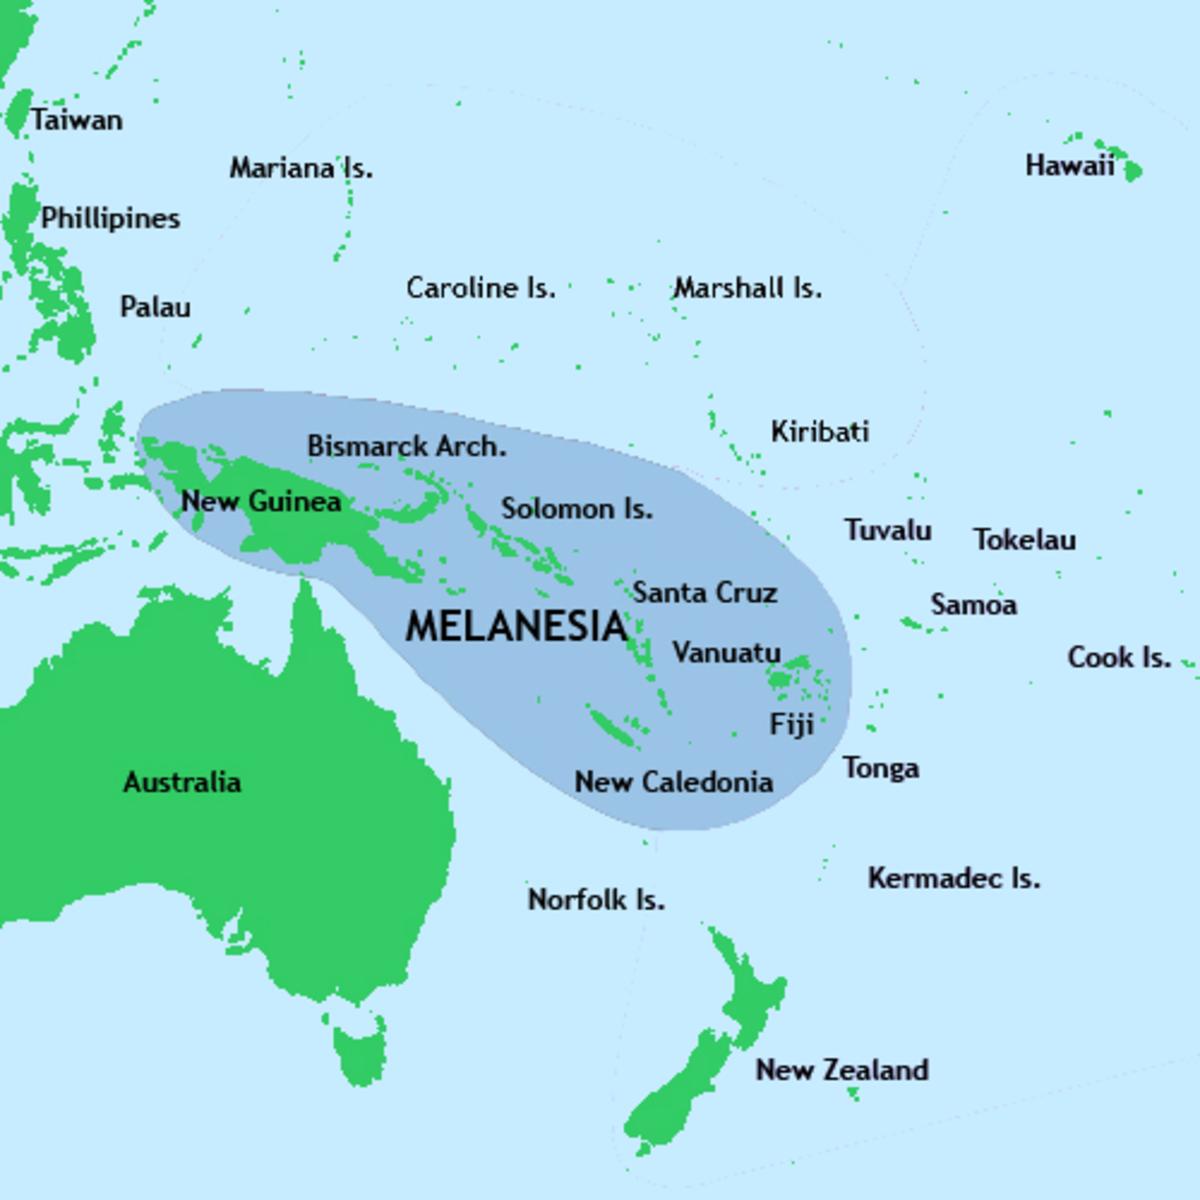 Tok Pisin is spoken throughout Melanesia.